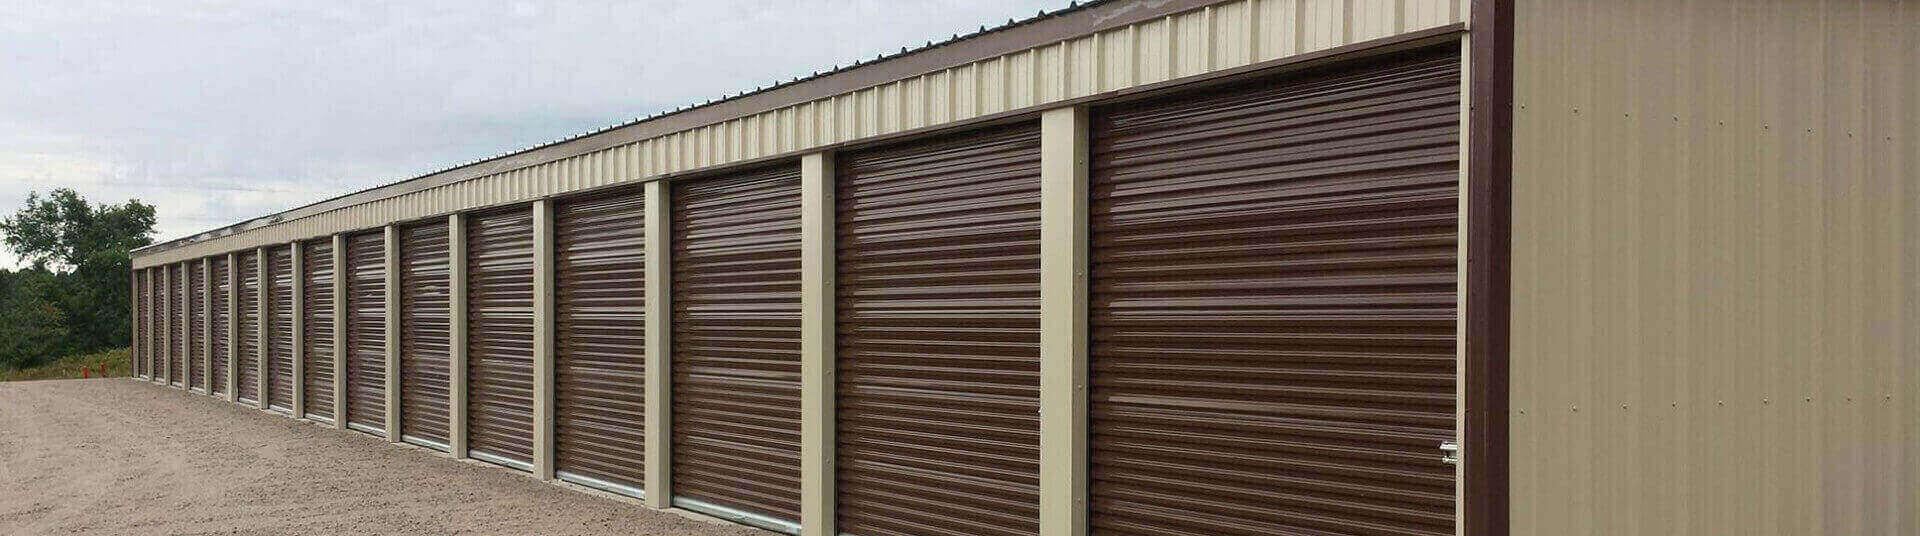 mini storage construction brown doors